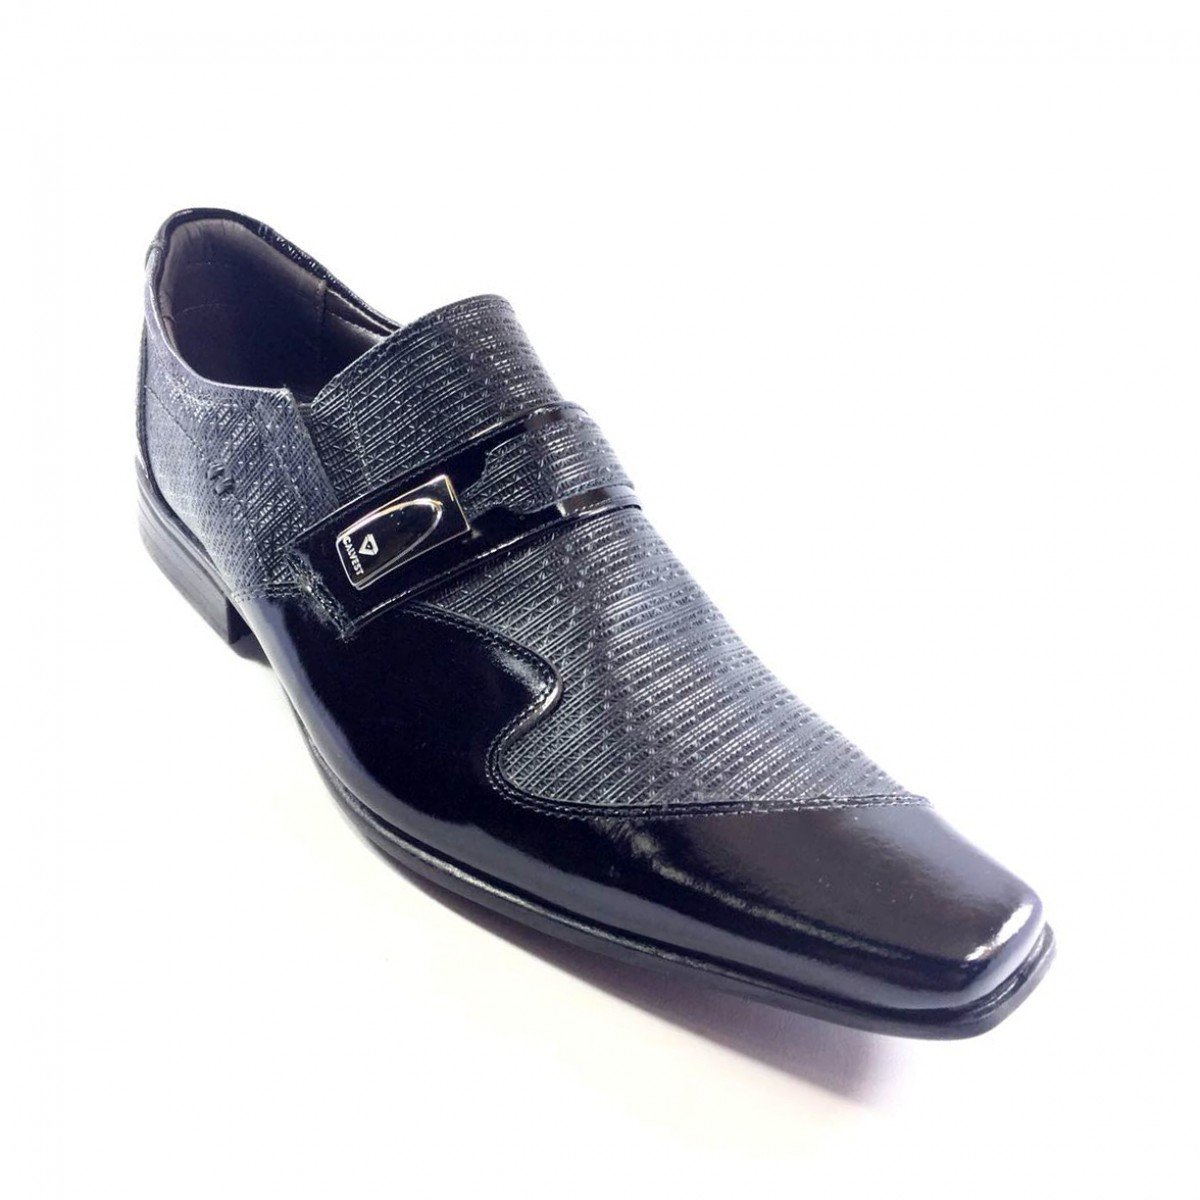 d4933987d Sapato Social Masculino Calvest Couro Preto - Compre Agora |Cabana ...